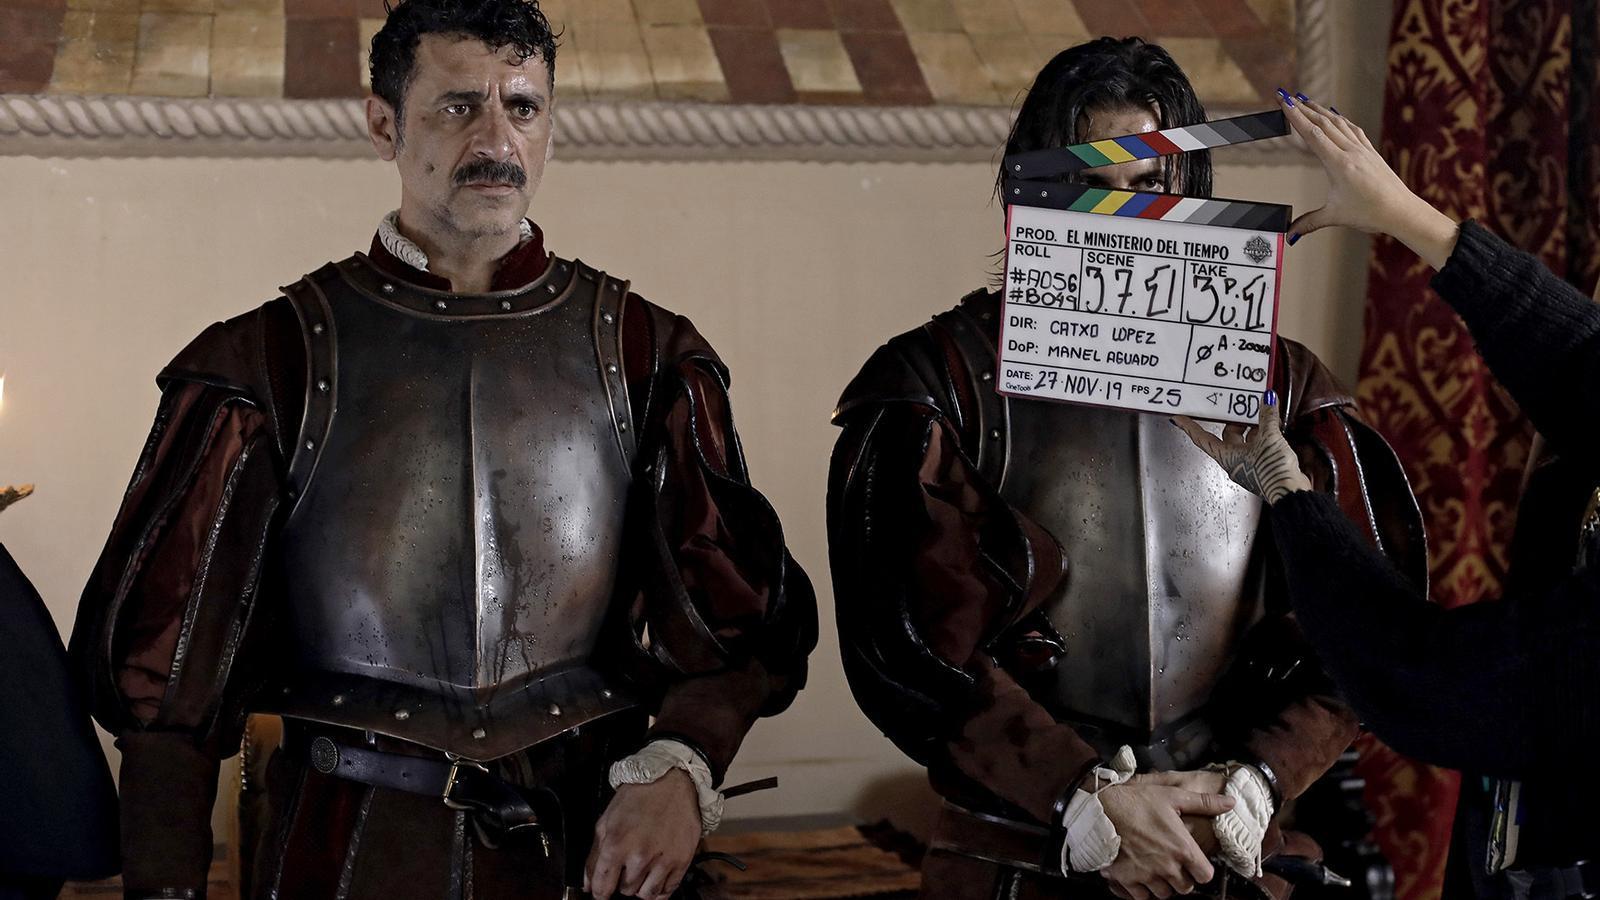 La web de TVE recupera la tercera temporada d''El Ministerio del Tiempo' abans que s'estreni la quarta